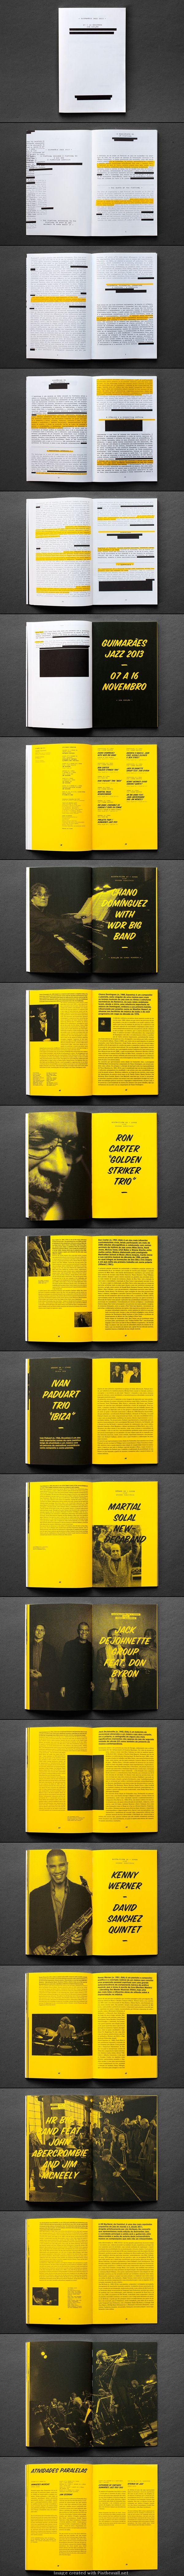 austreichen ... unterstreichen ... arbeiten mit einer zusätzichen Farbe...  Guimaraes Jazz 2013